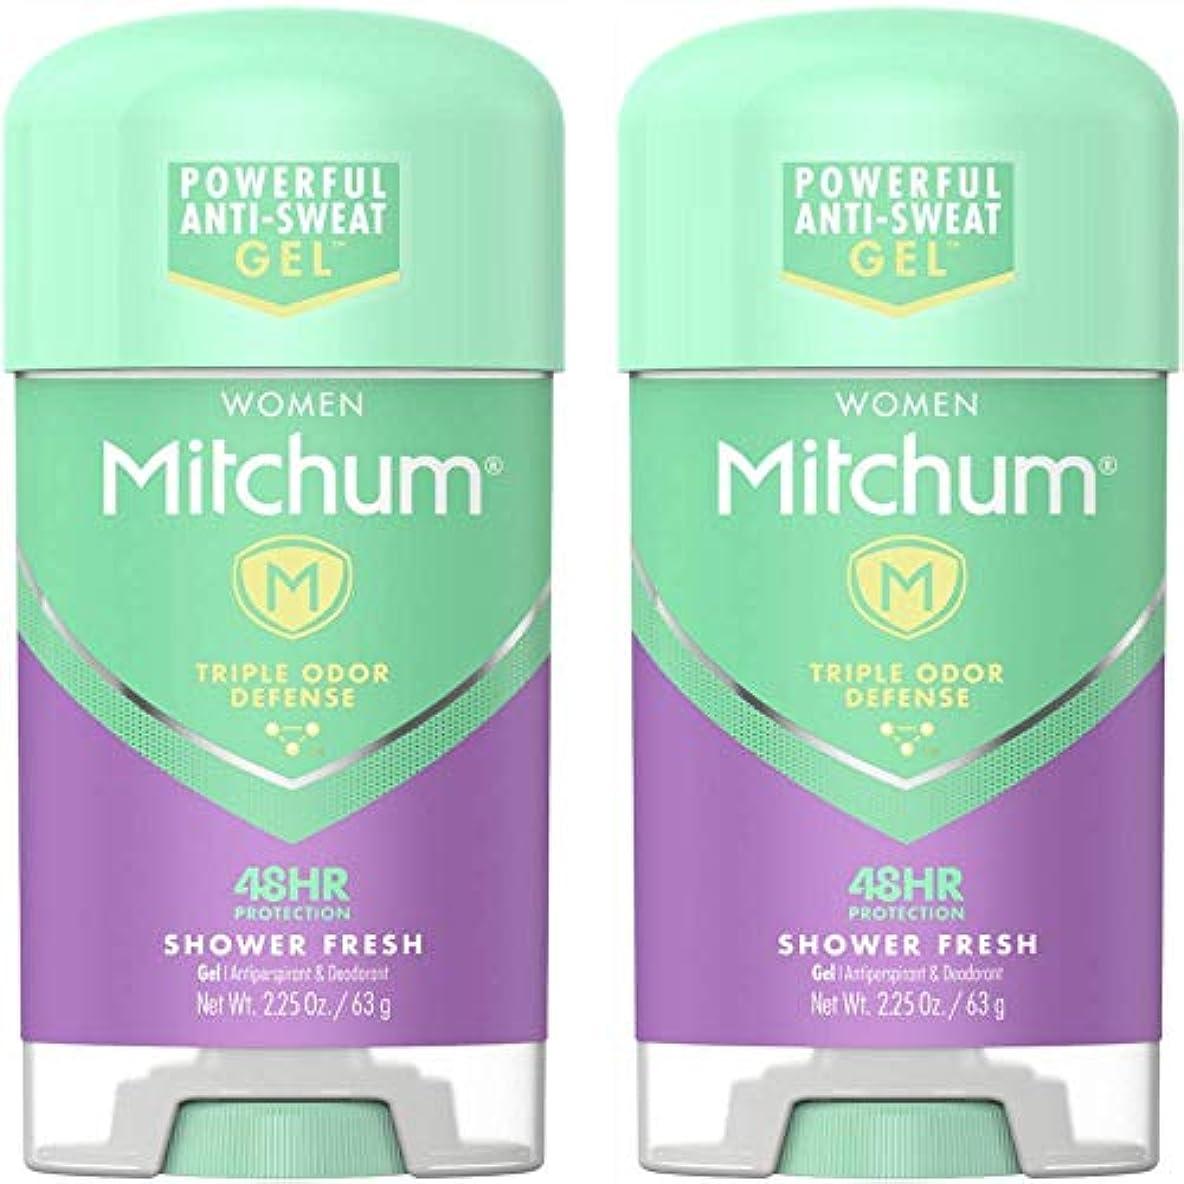 シャンパンタンクセンターMitchum Power Gel Shower Fresh